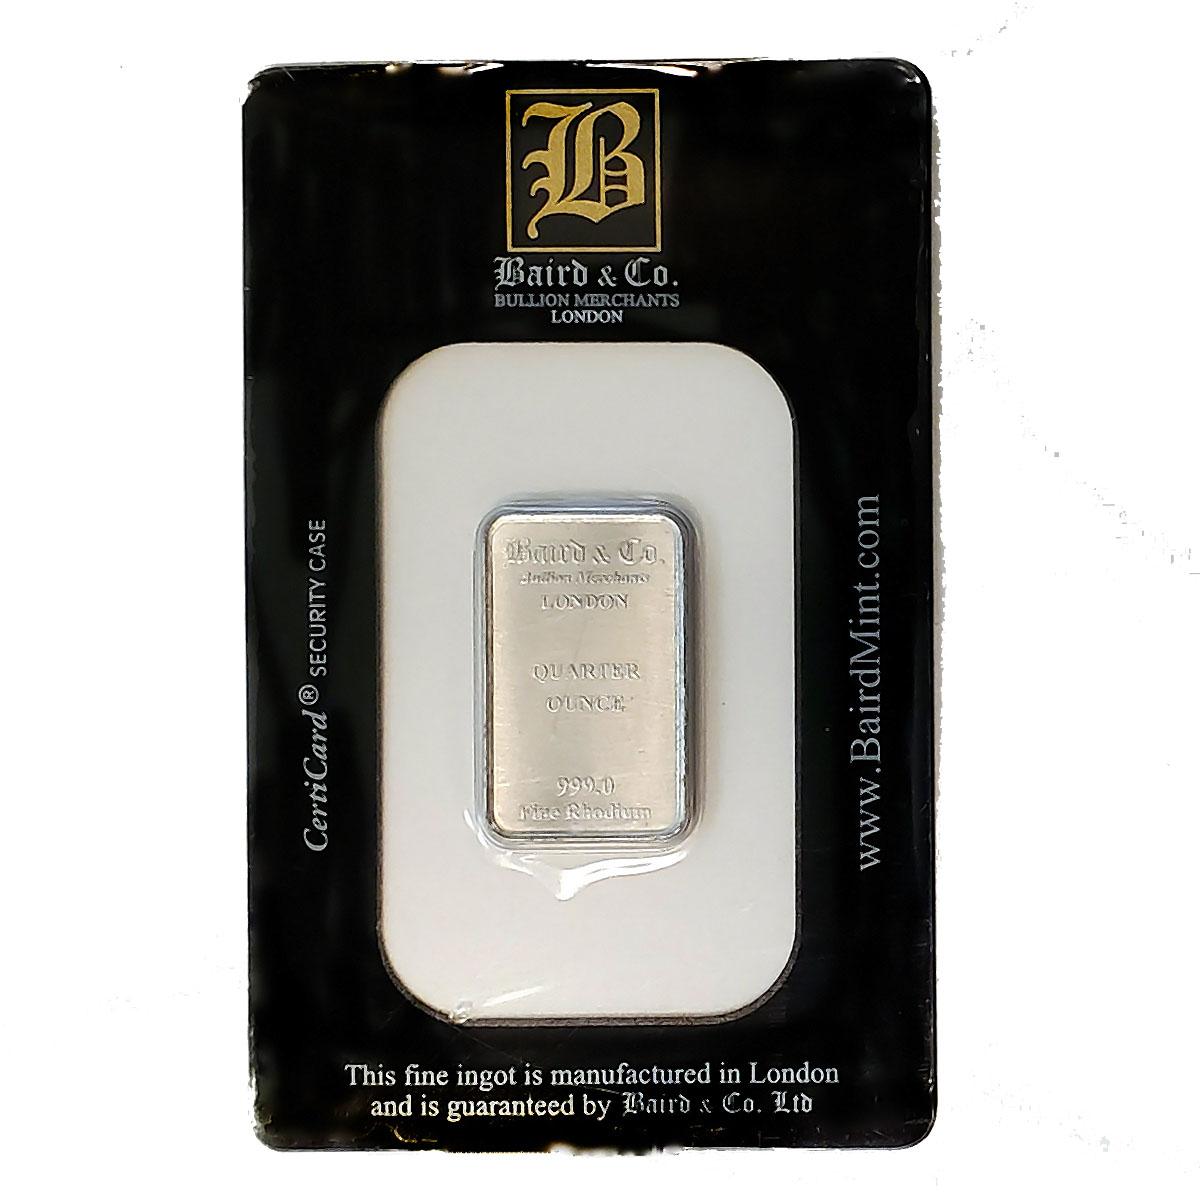 Baird Mint Quarter Ounce Rhodium Bar